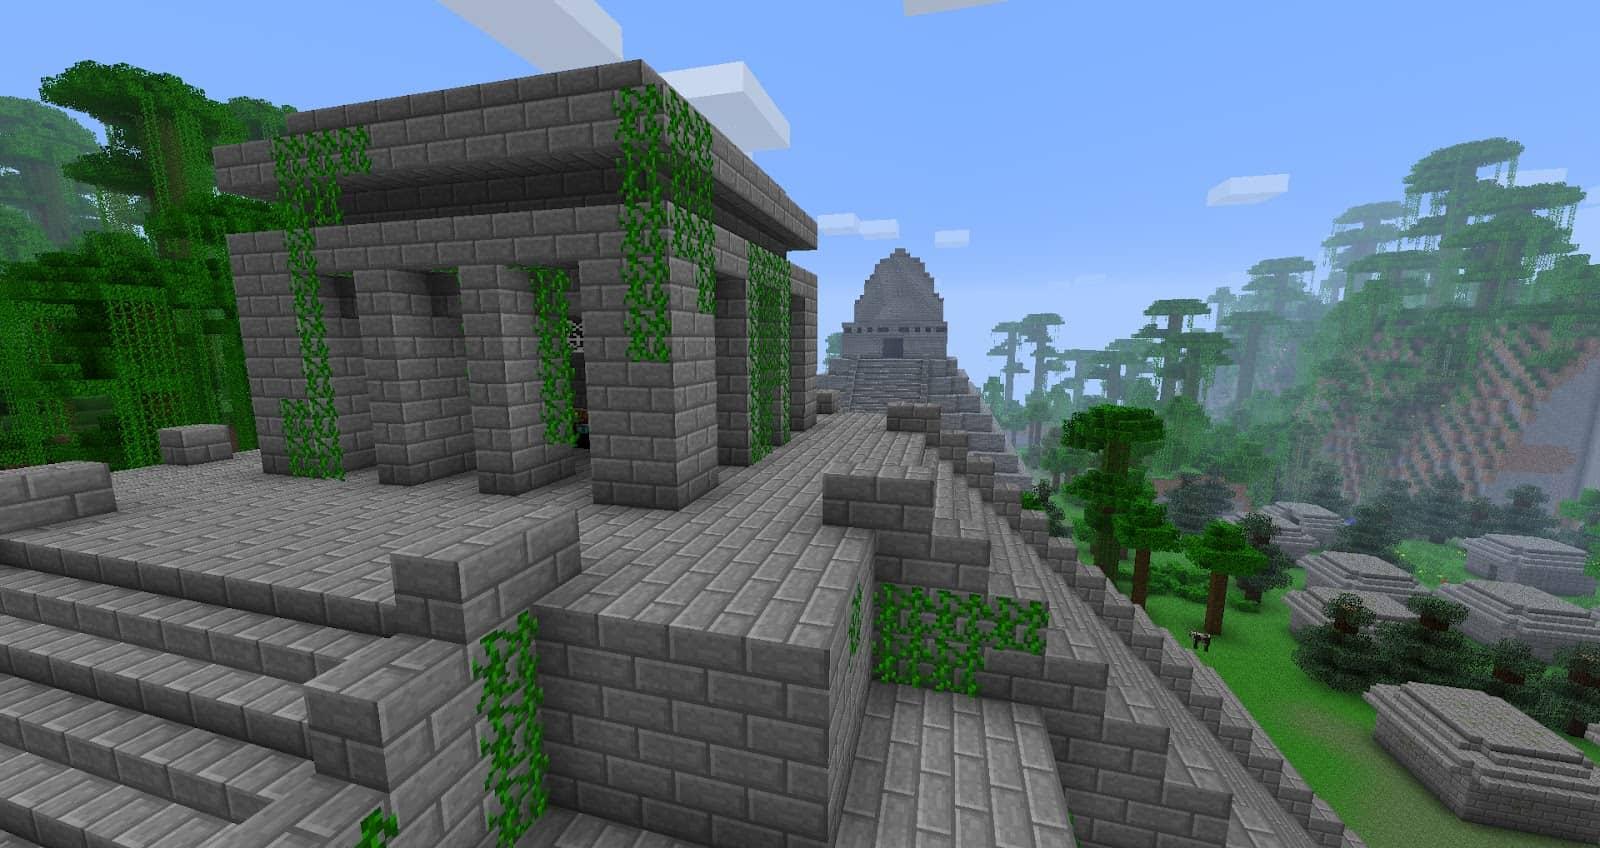 mayans_minecraft_ruins